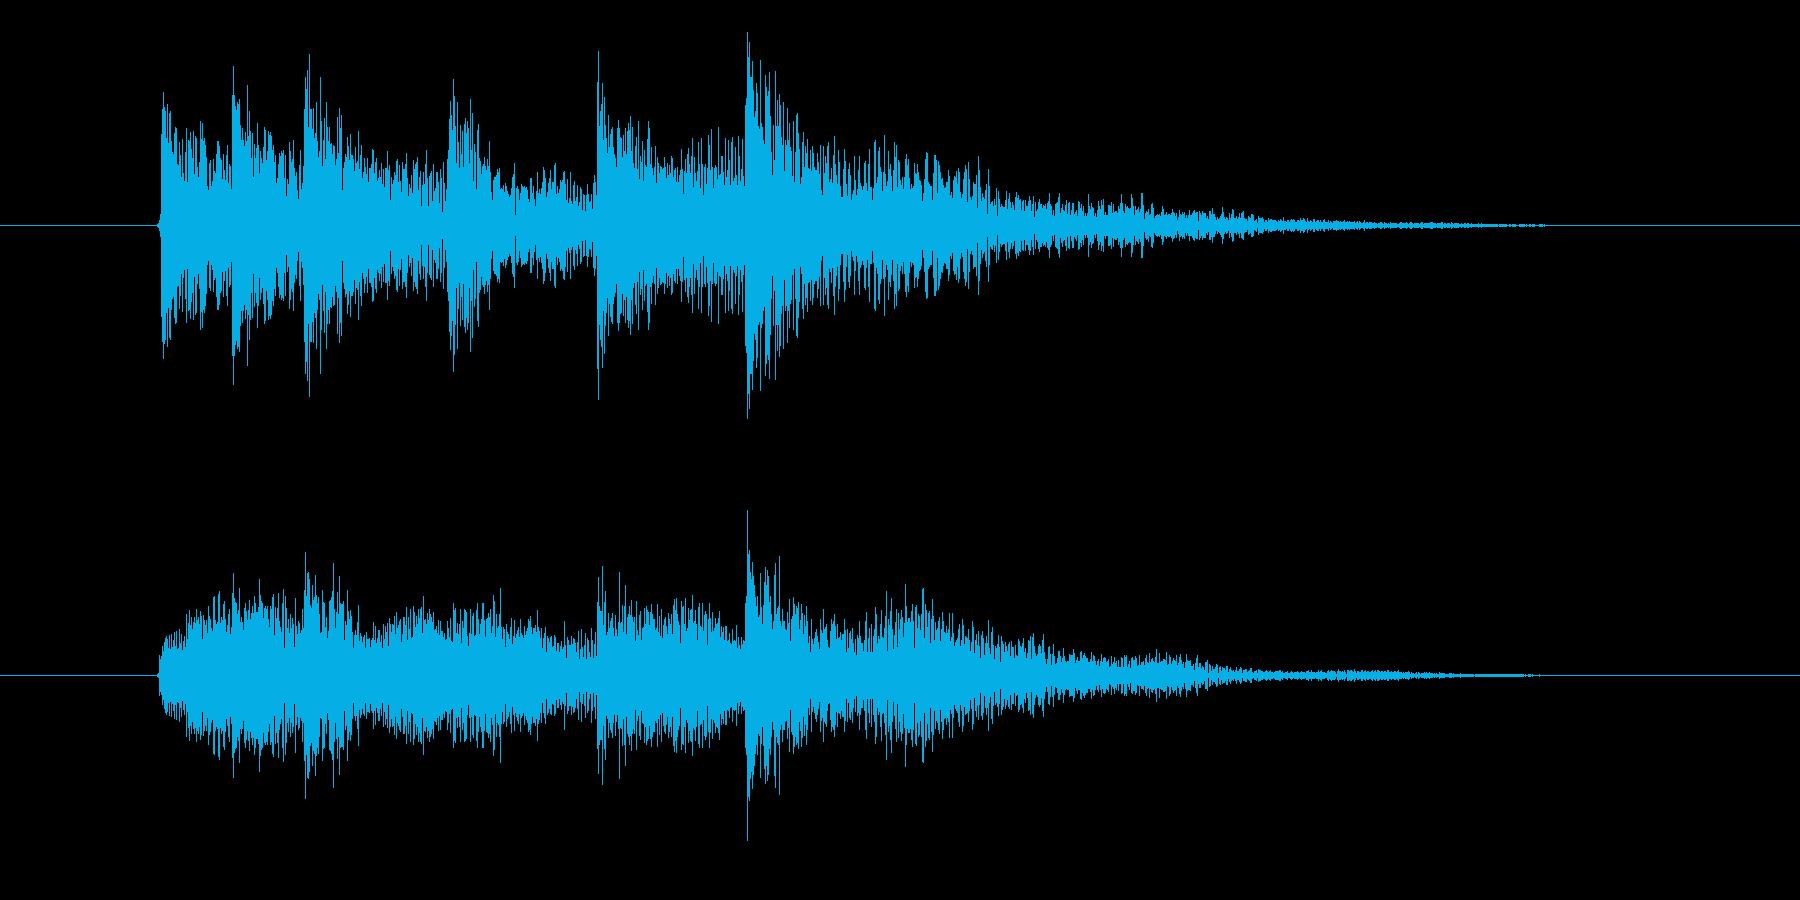 次への発展を促す音(展開音)の再生済みの波形